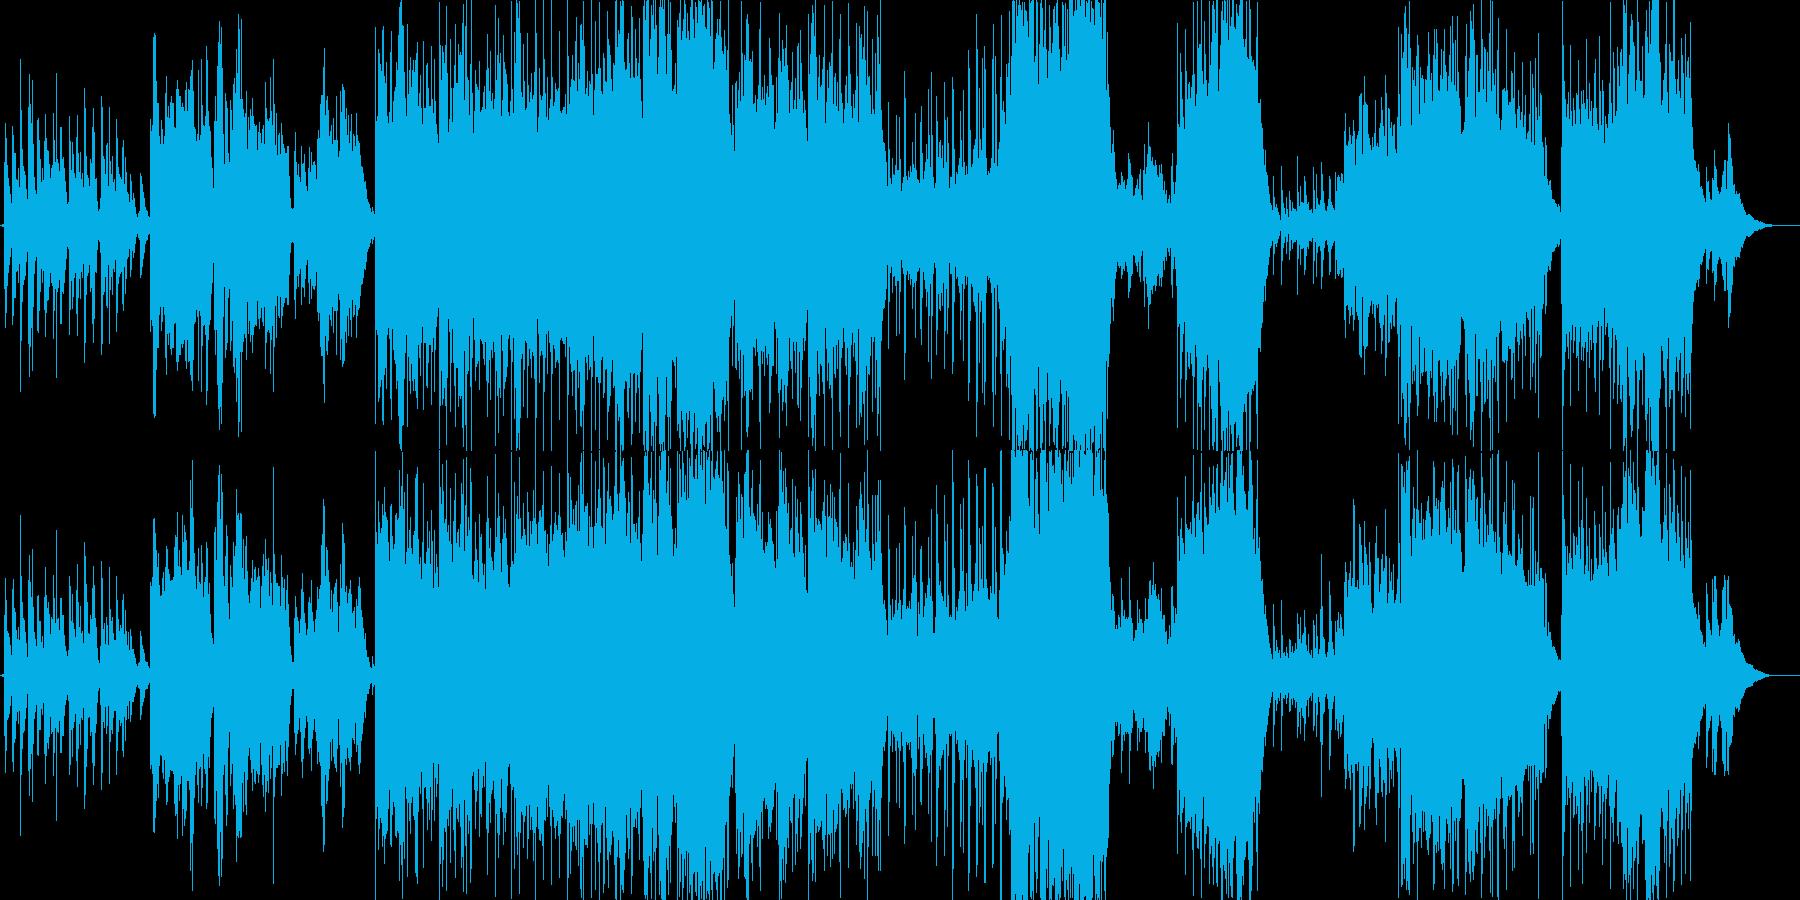 人生の営みを時間の流れで捉えた楽曲の再生済みの波形